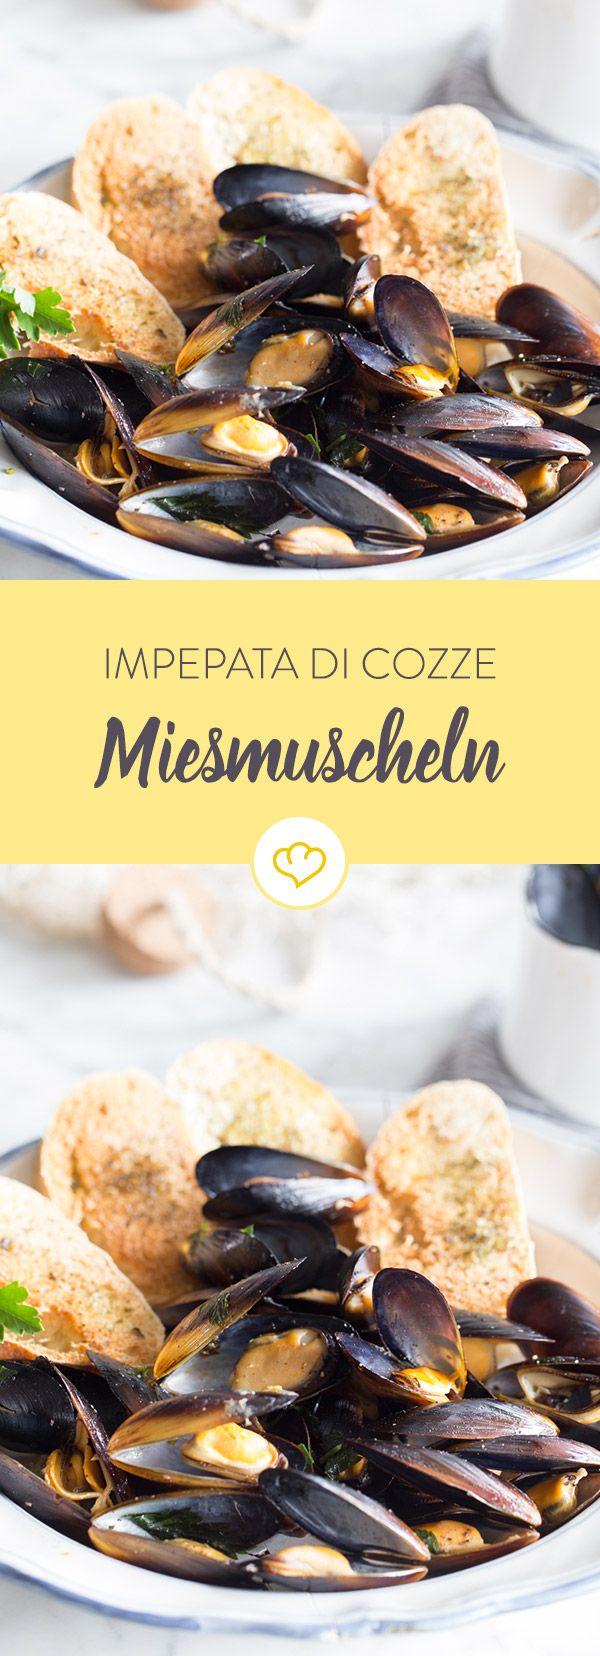 Wenn du von deinem letzten Urlaub träumst, dann zaubern dir Miesmuscheln und Crostini - Impepata di Cozze - italienisches Flair auf deinen Teller.